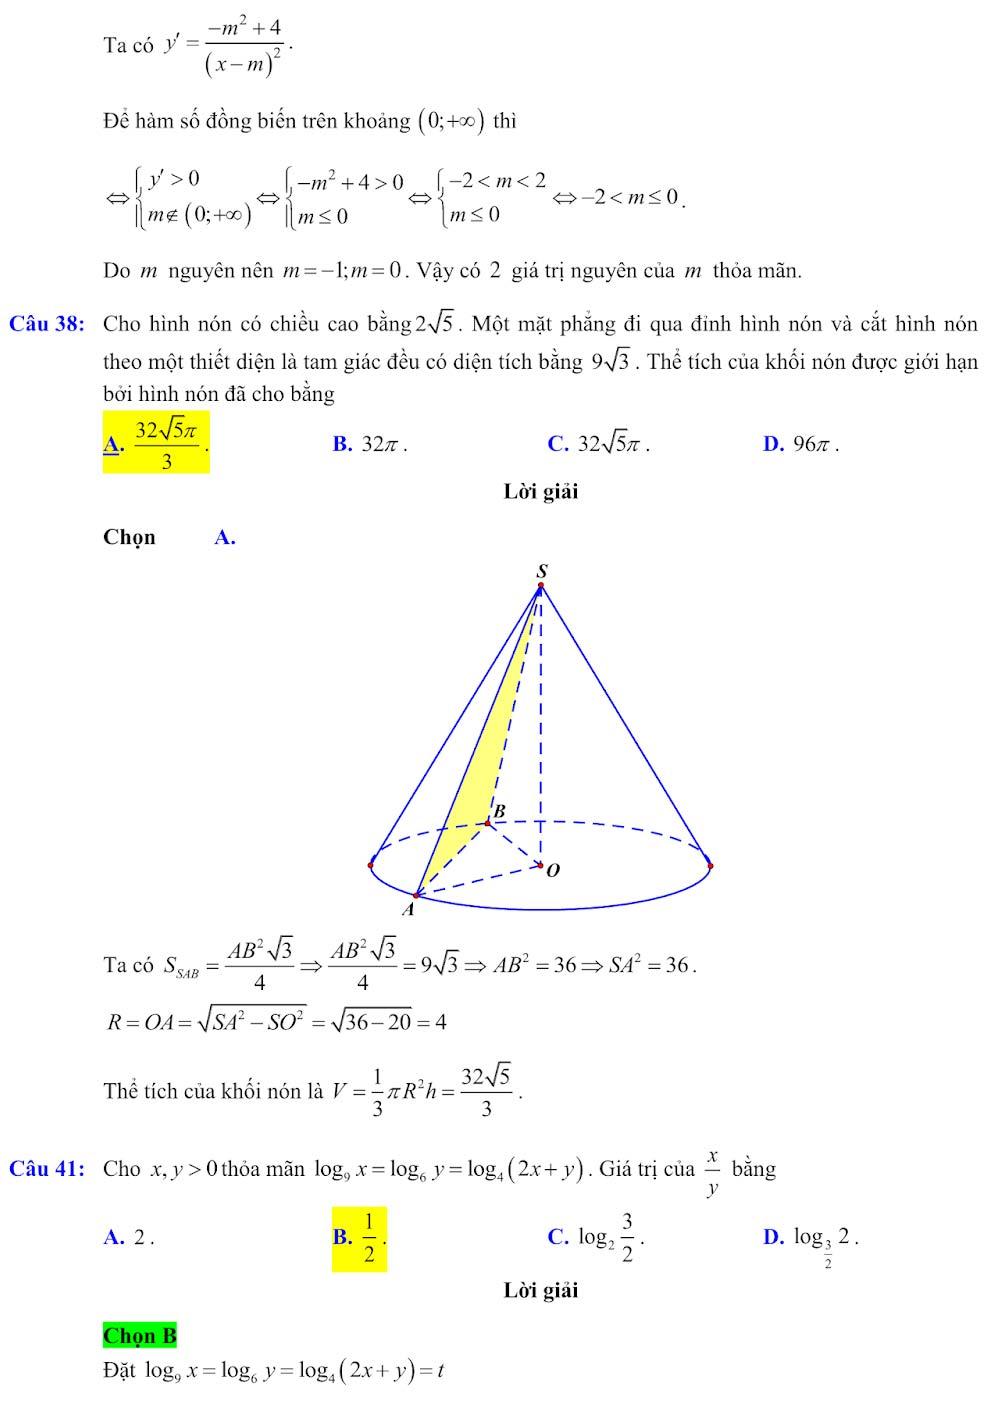 Đáp án đề minh họa thi thpt quốc gia môn toán 2020 lần 1_13